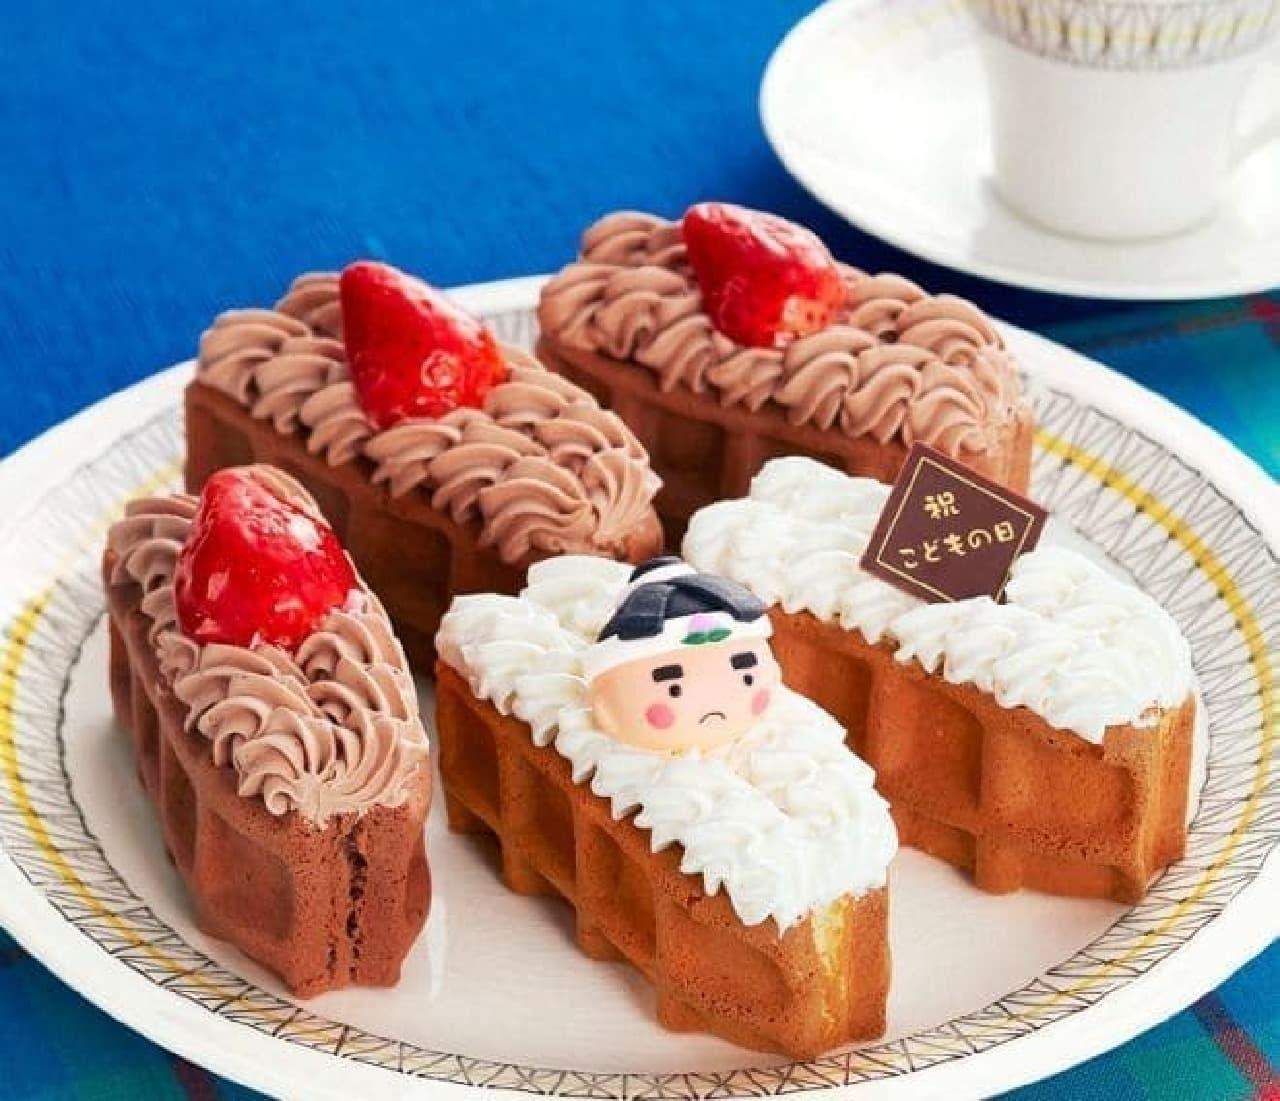 桃太郎の飾りが可愛らしい「こどもの日ワッフルドルチェ」